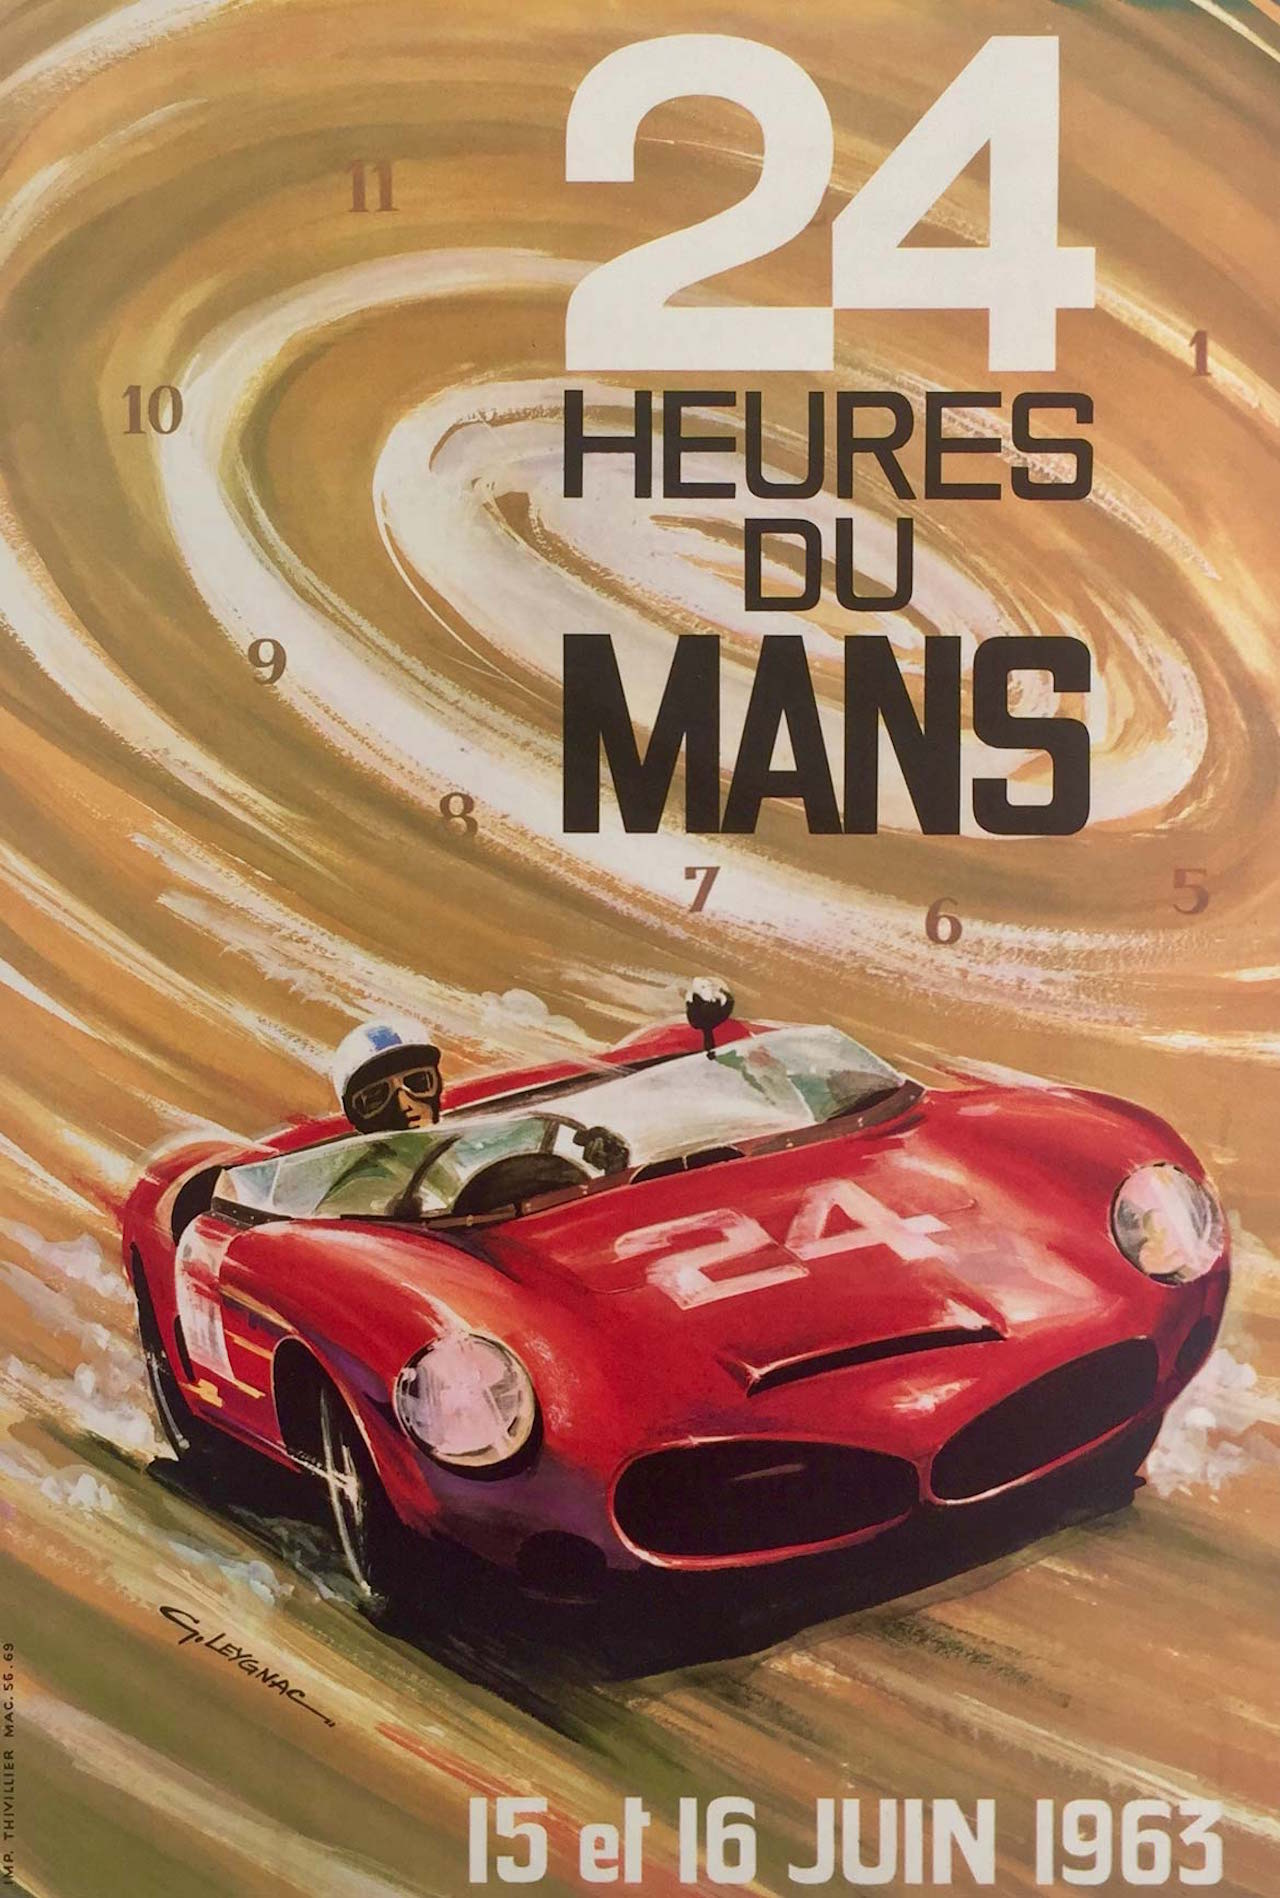 Les 24h du Mans : Histoires & anecdotes #3 2